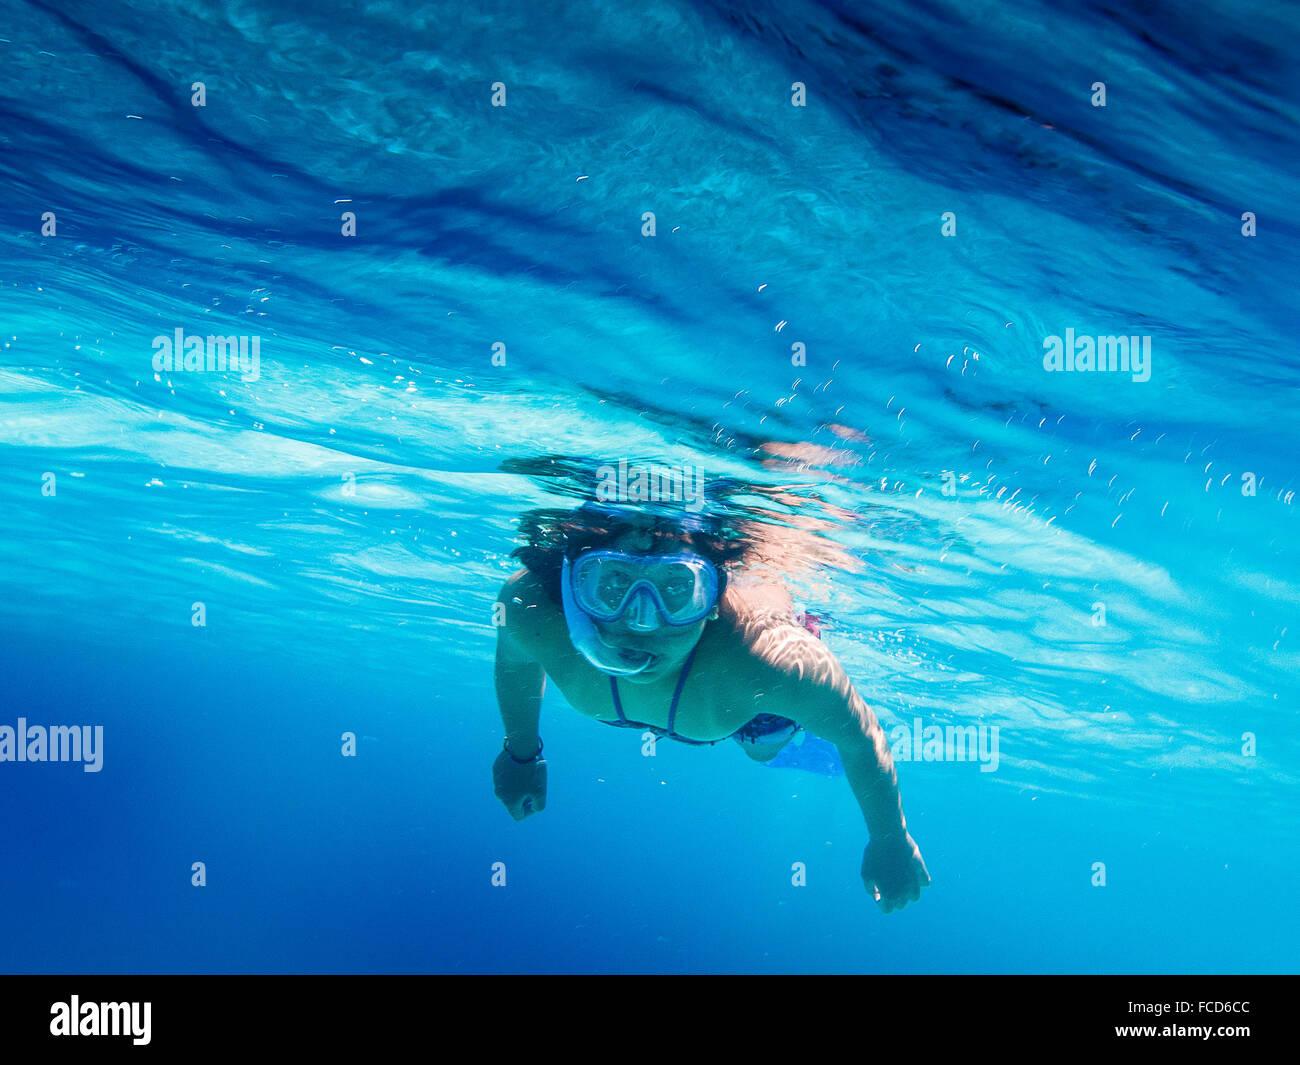 Ritratto di donna nuotare nel mare blu Immagini Stock